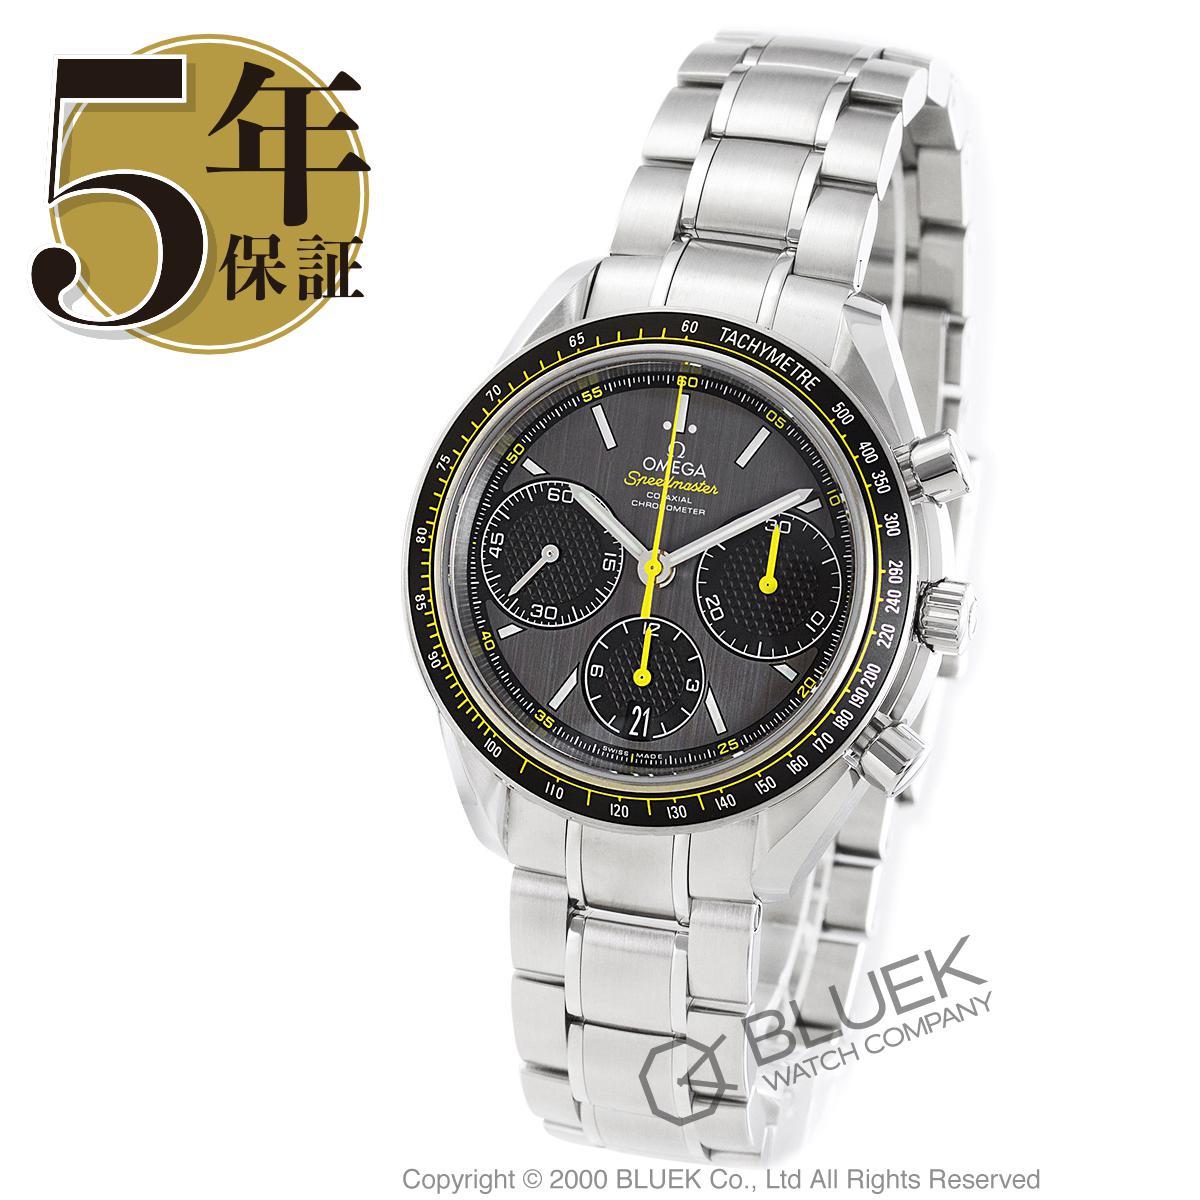 オメガ スピードマスター レーシング クロノグラフ 腕時計 メンズ OMEGA 326.30.40.50.06.001_8